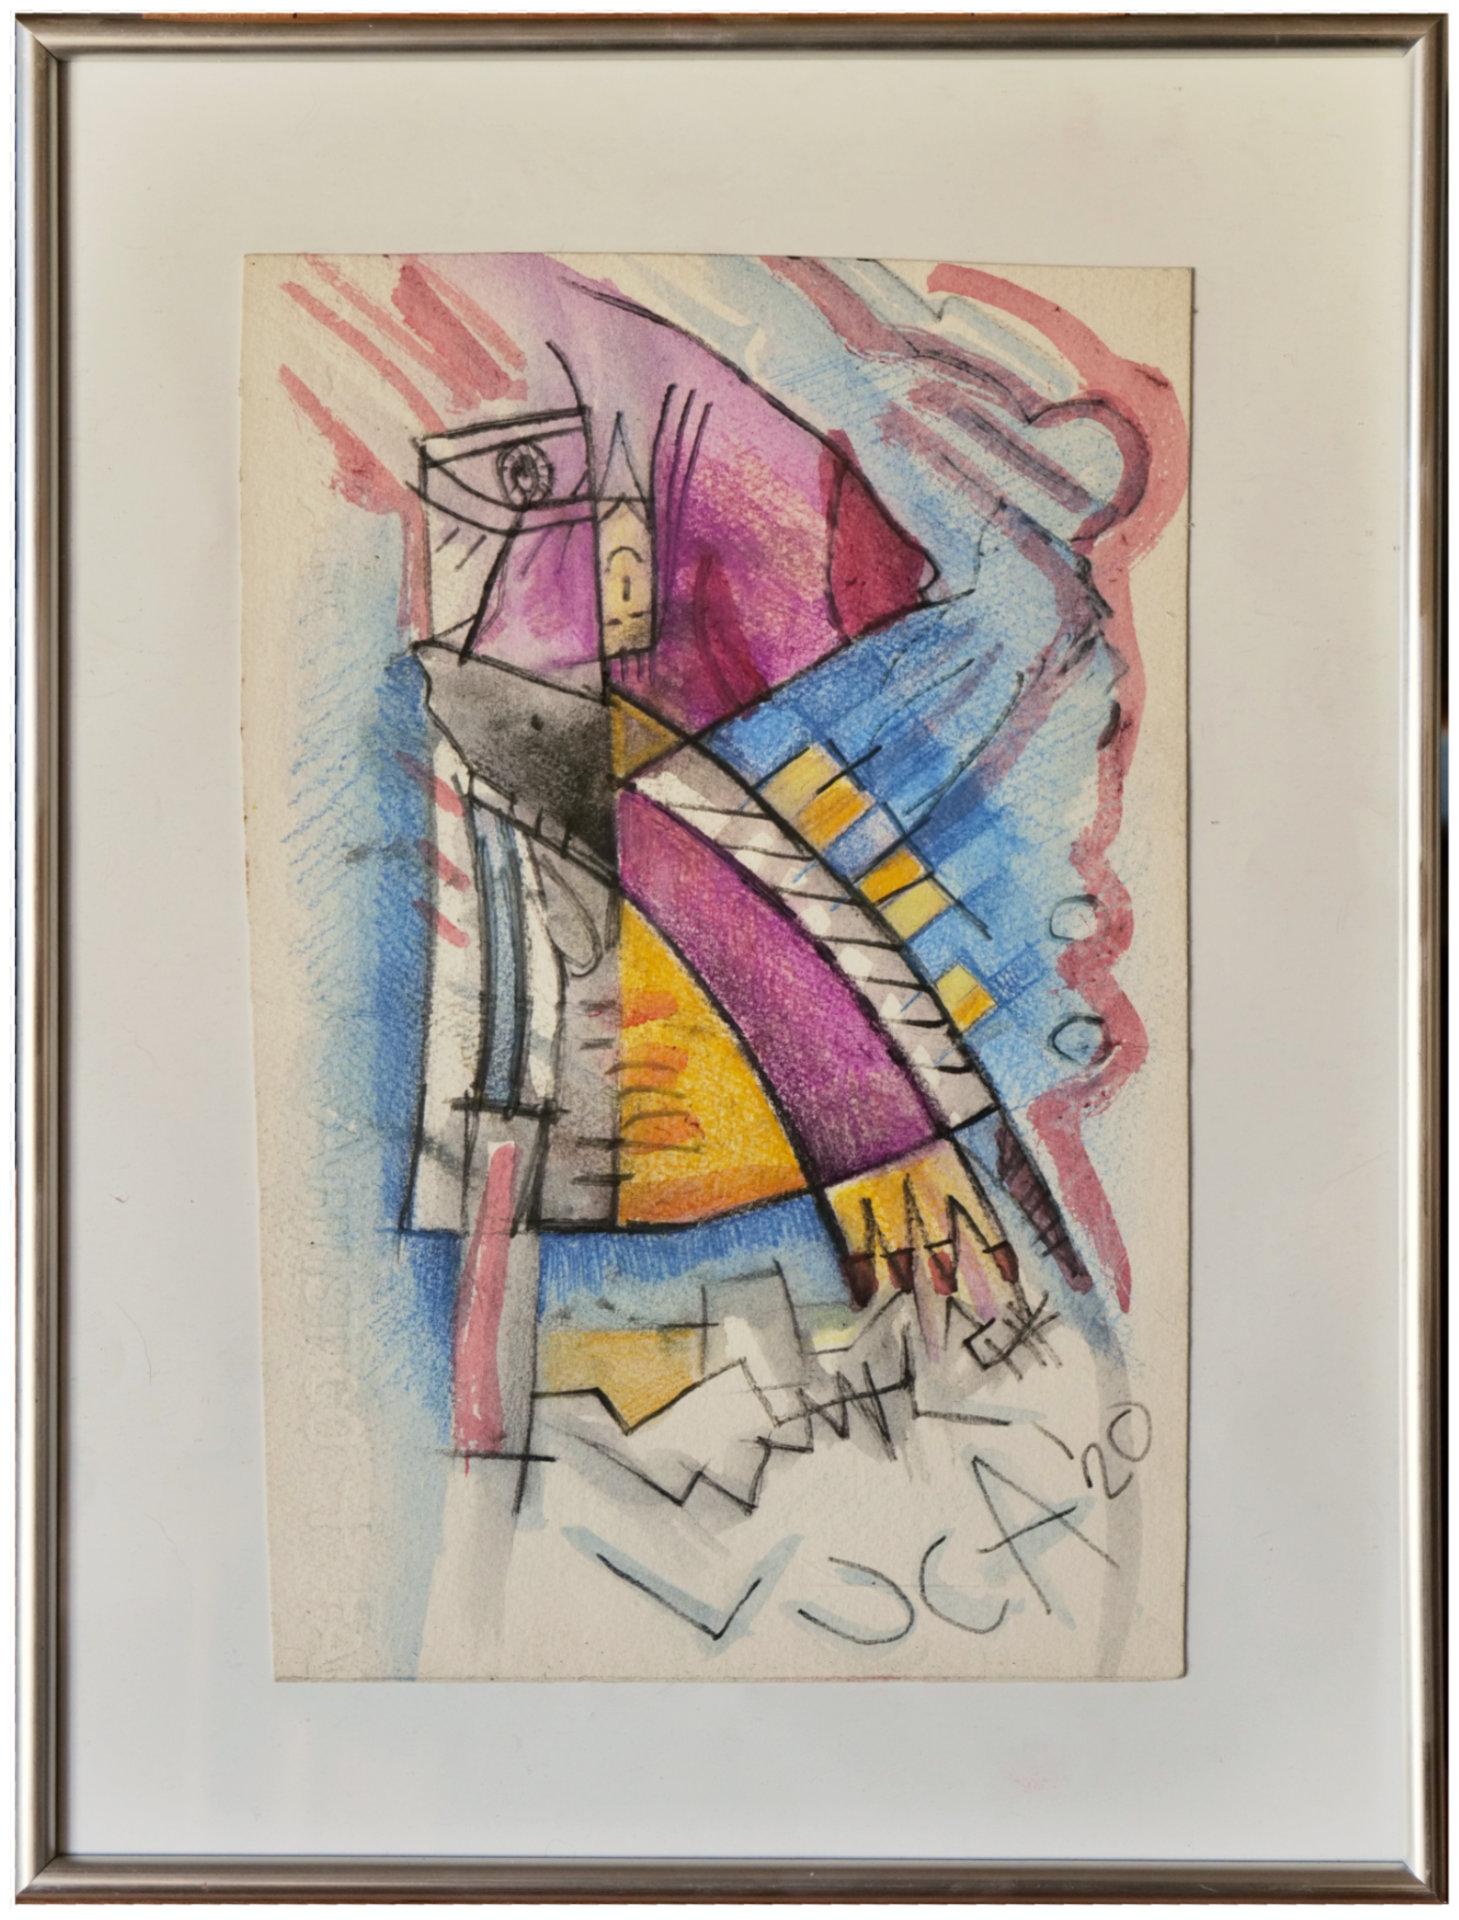 Coniglietto - matite acquerelli su foglio - 25x35